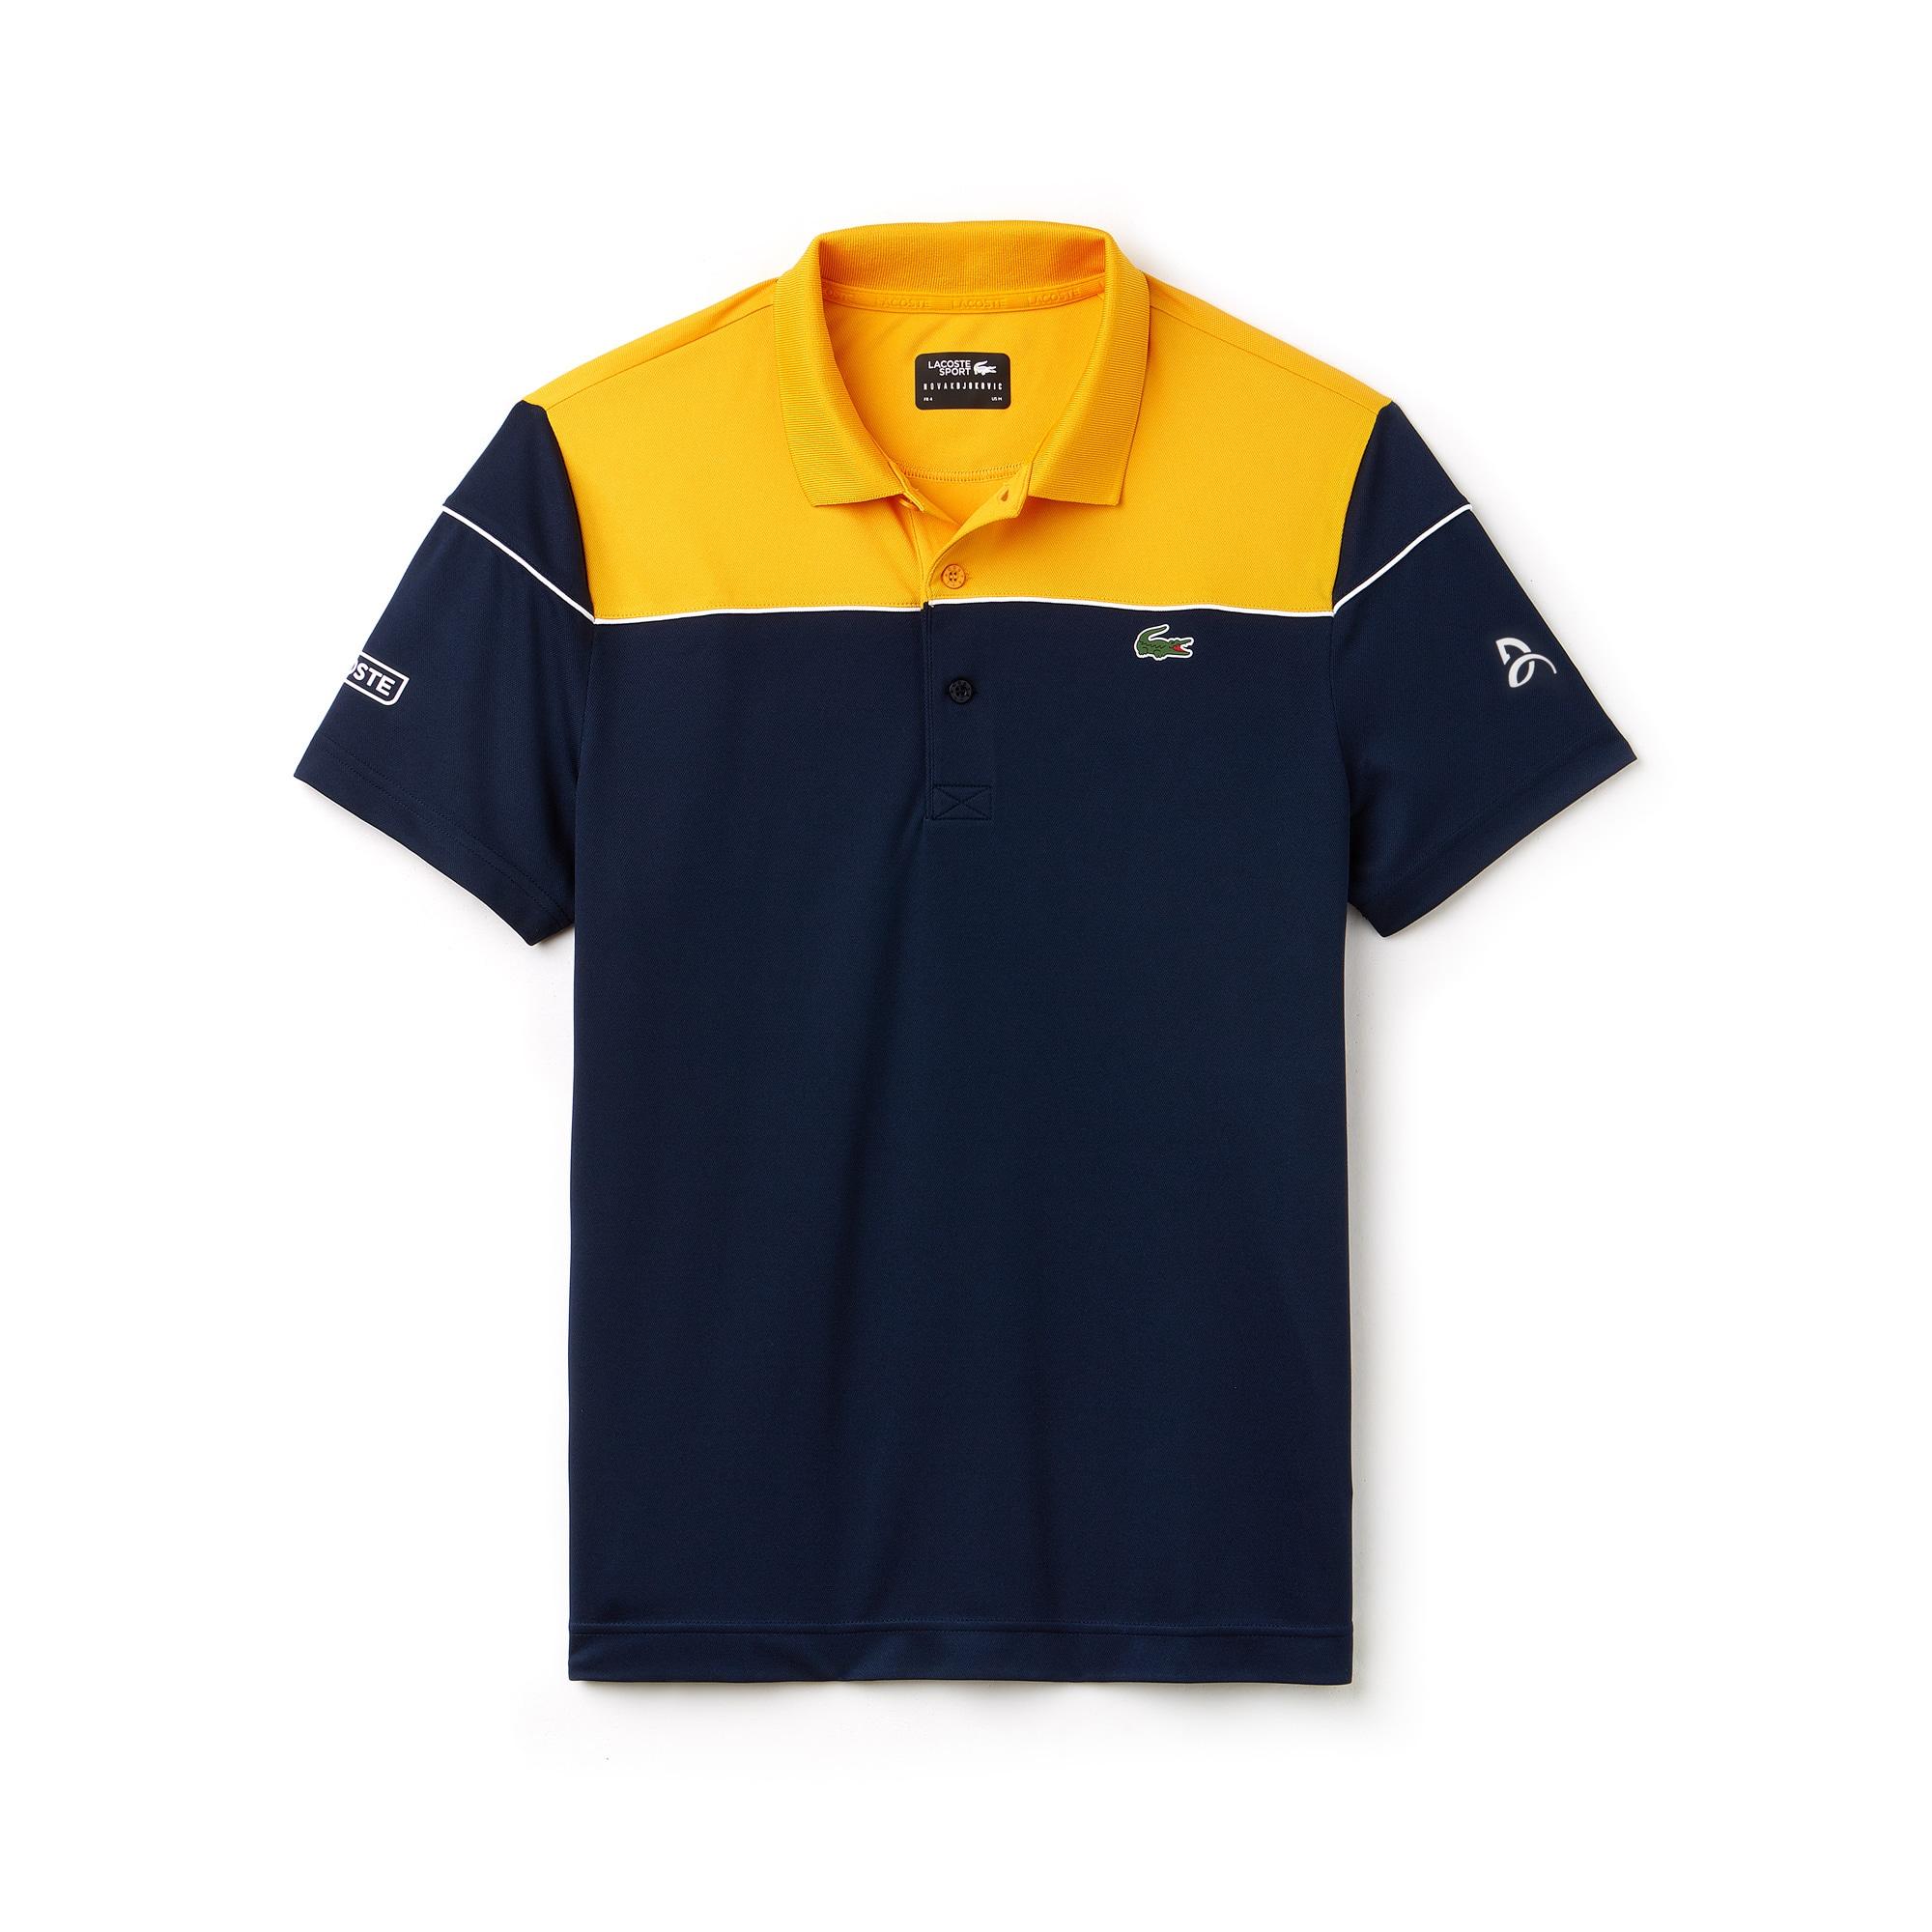 قميص بولو رجالي من مجموعة نوفاك ديوكوفيتش التي تقدمها لاكوست سبورت بألوان متصادمة وبخامة تيك بيكيه